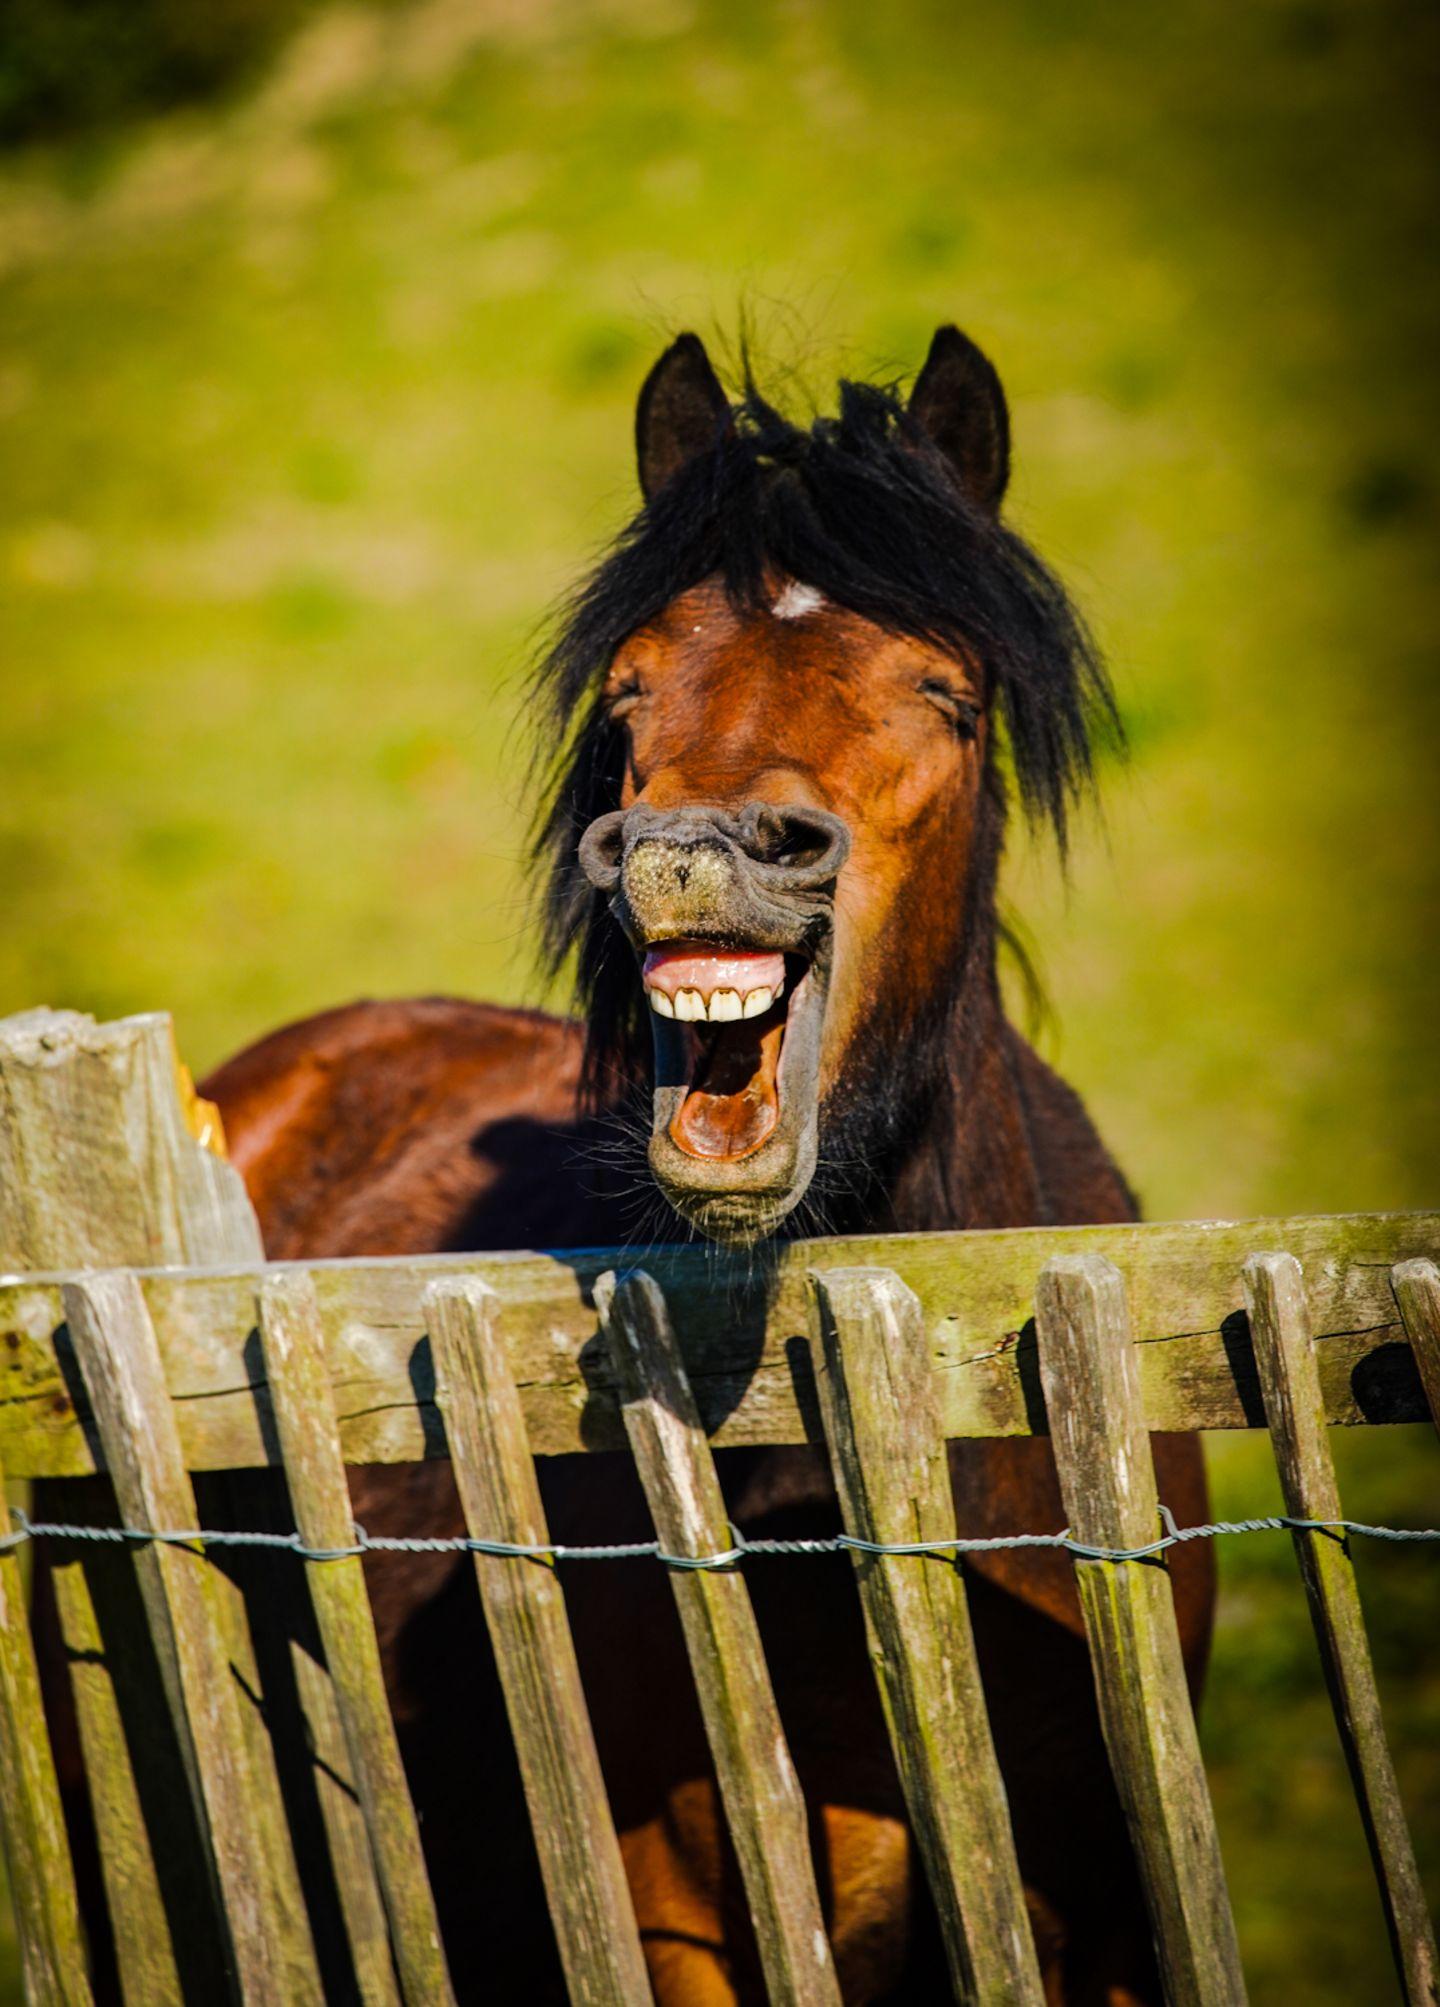 Haustier Fotowettbewerb: Pferd zeigt Zähne